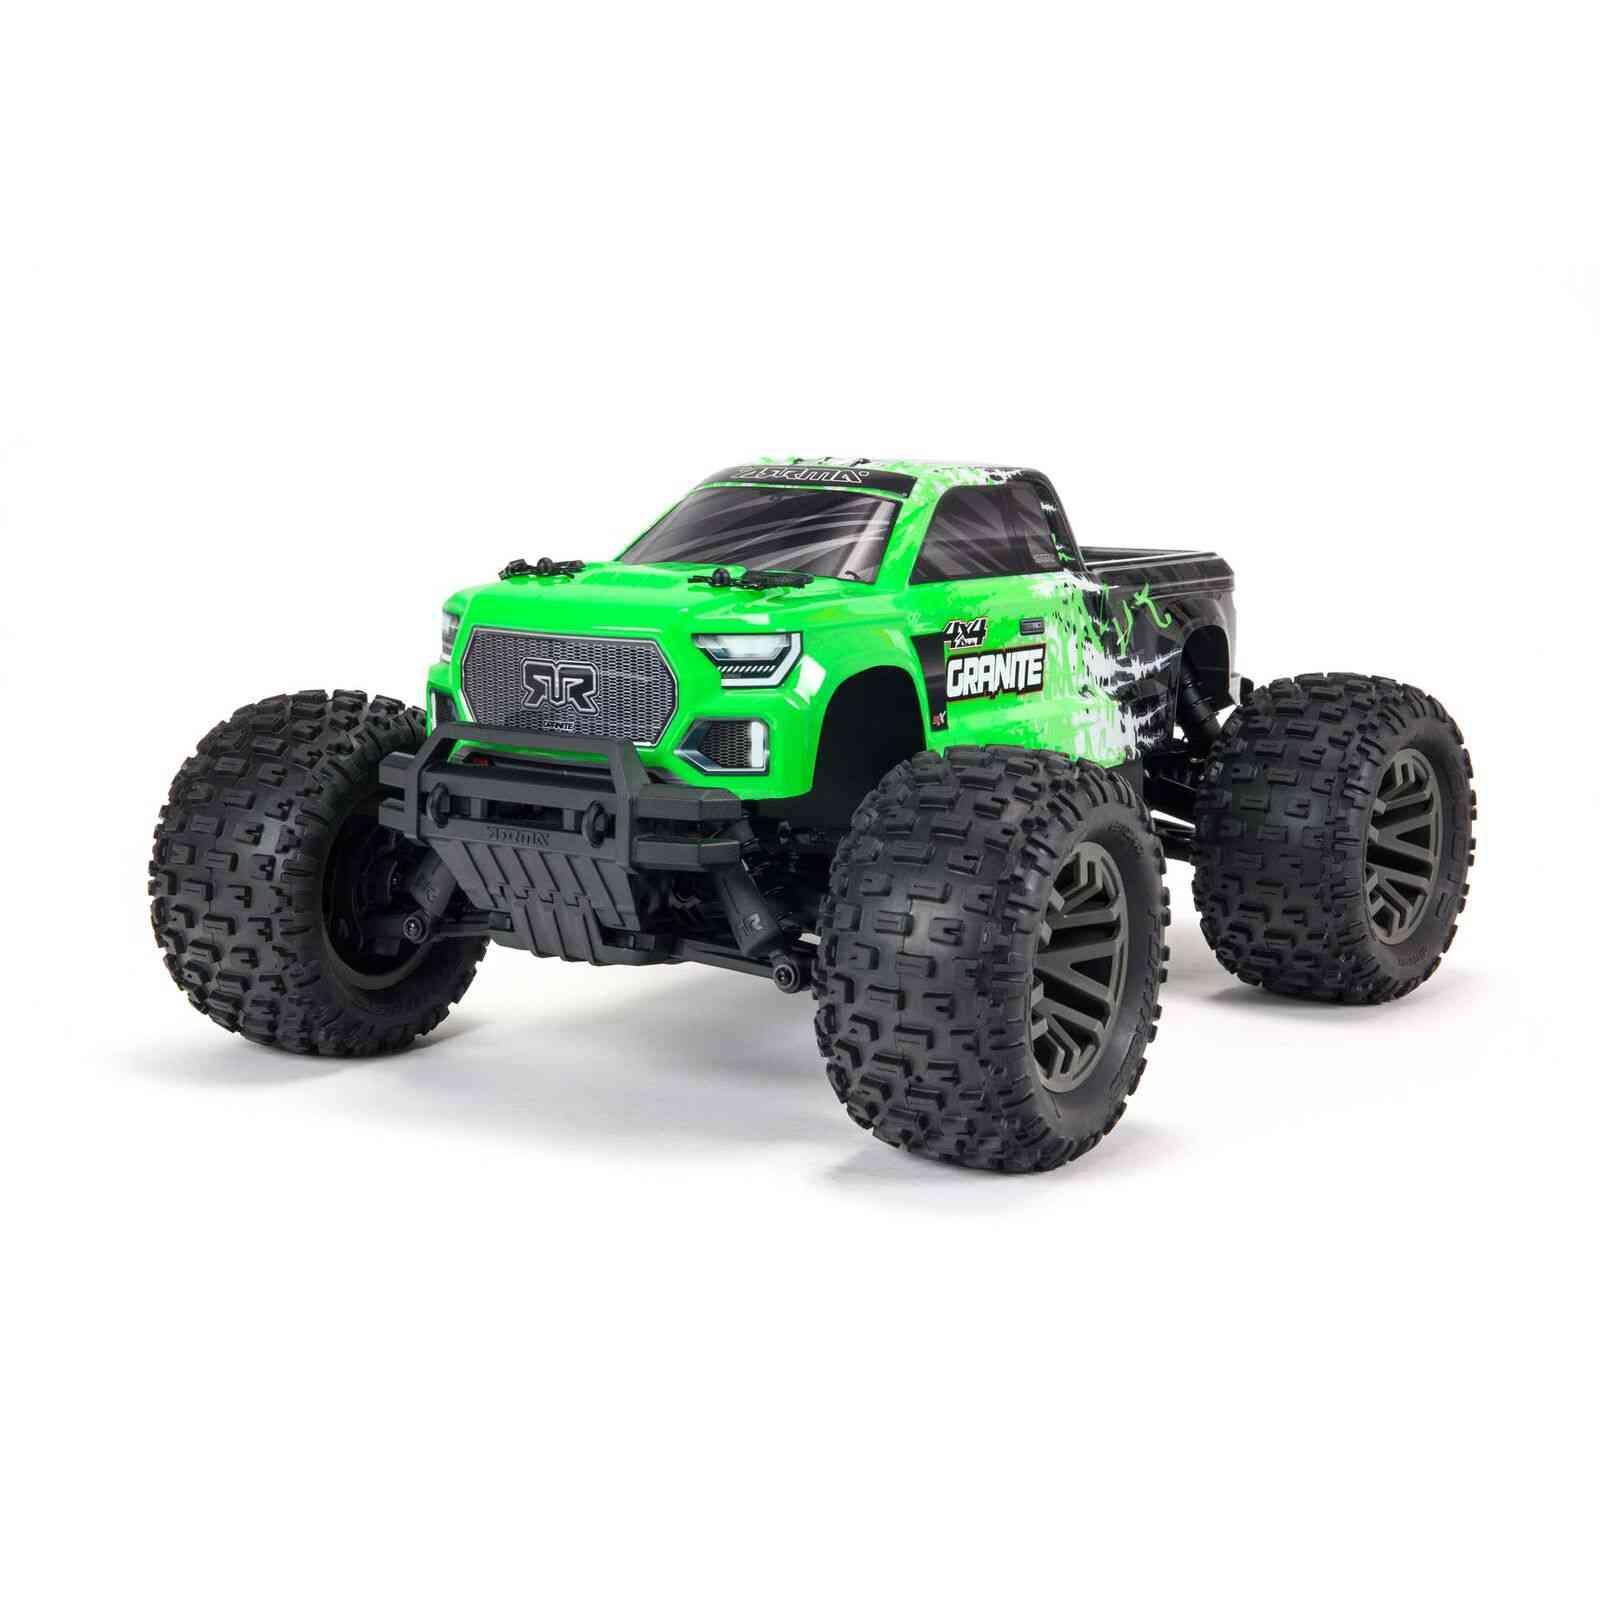 Arrma 1/10 GRANITE 4X4 V3 3S BLX Brushless Monster Truck RTR, Green